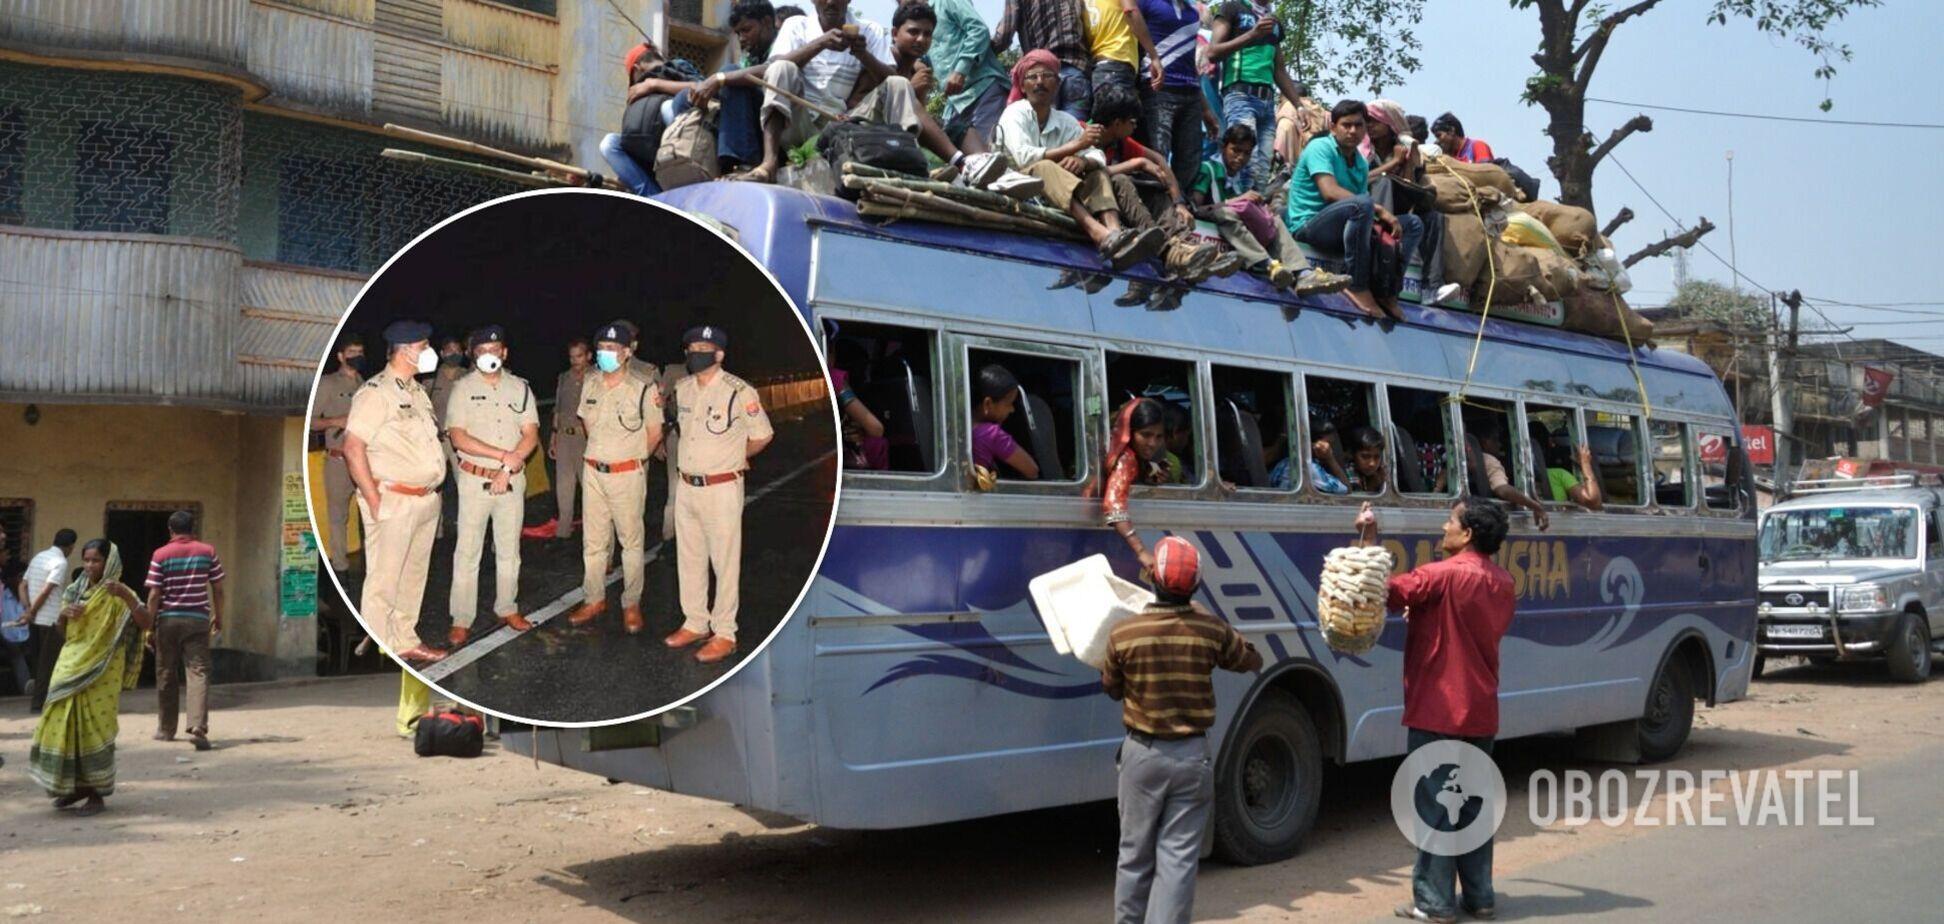 В Индии грузовик на скорости влетел в автобус с пассажирами, погибли 18 человек, много раненых